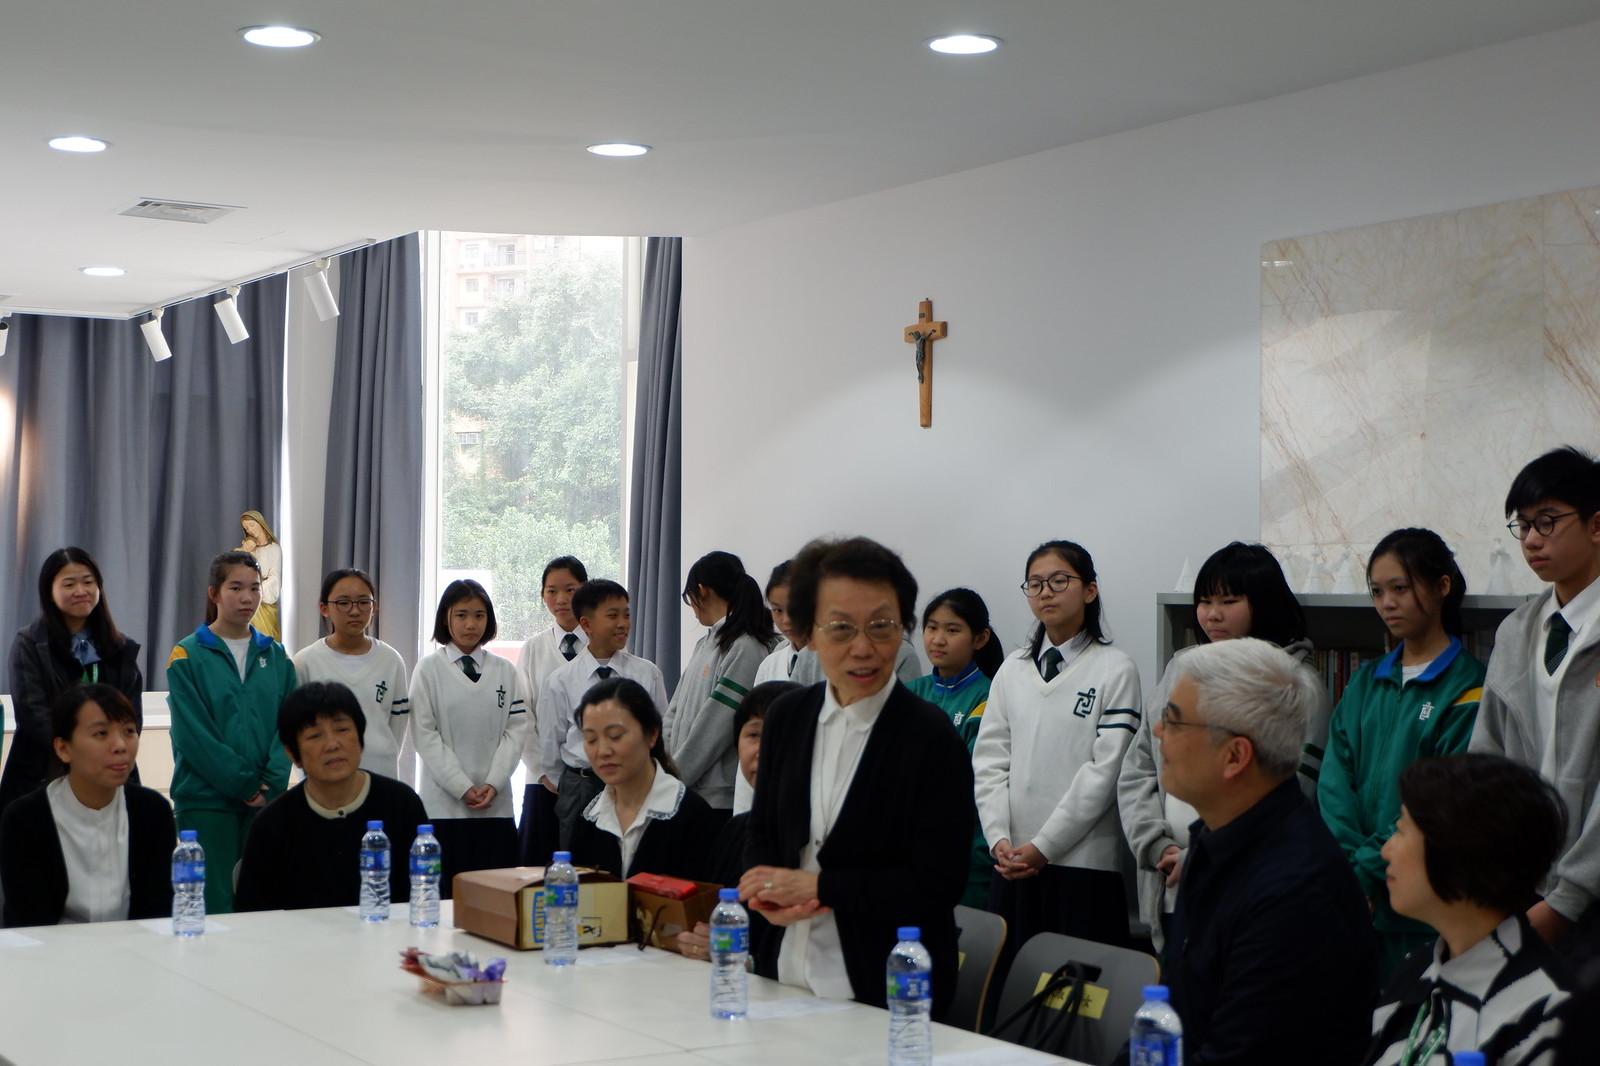 聖家師長來訪本校 - 聖若瑟教區中學